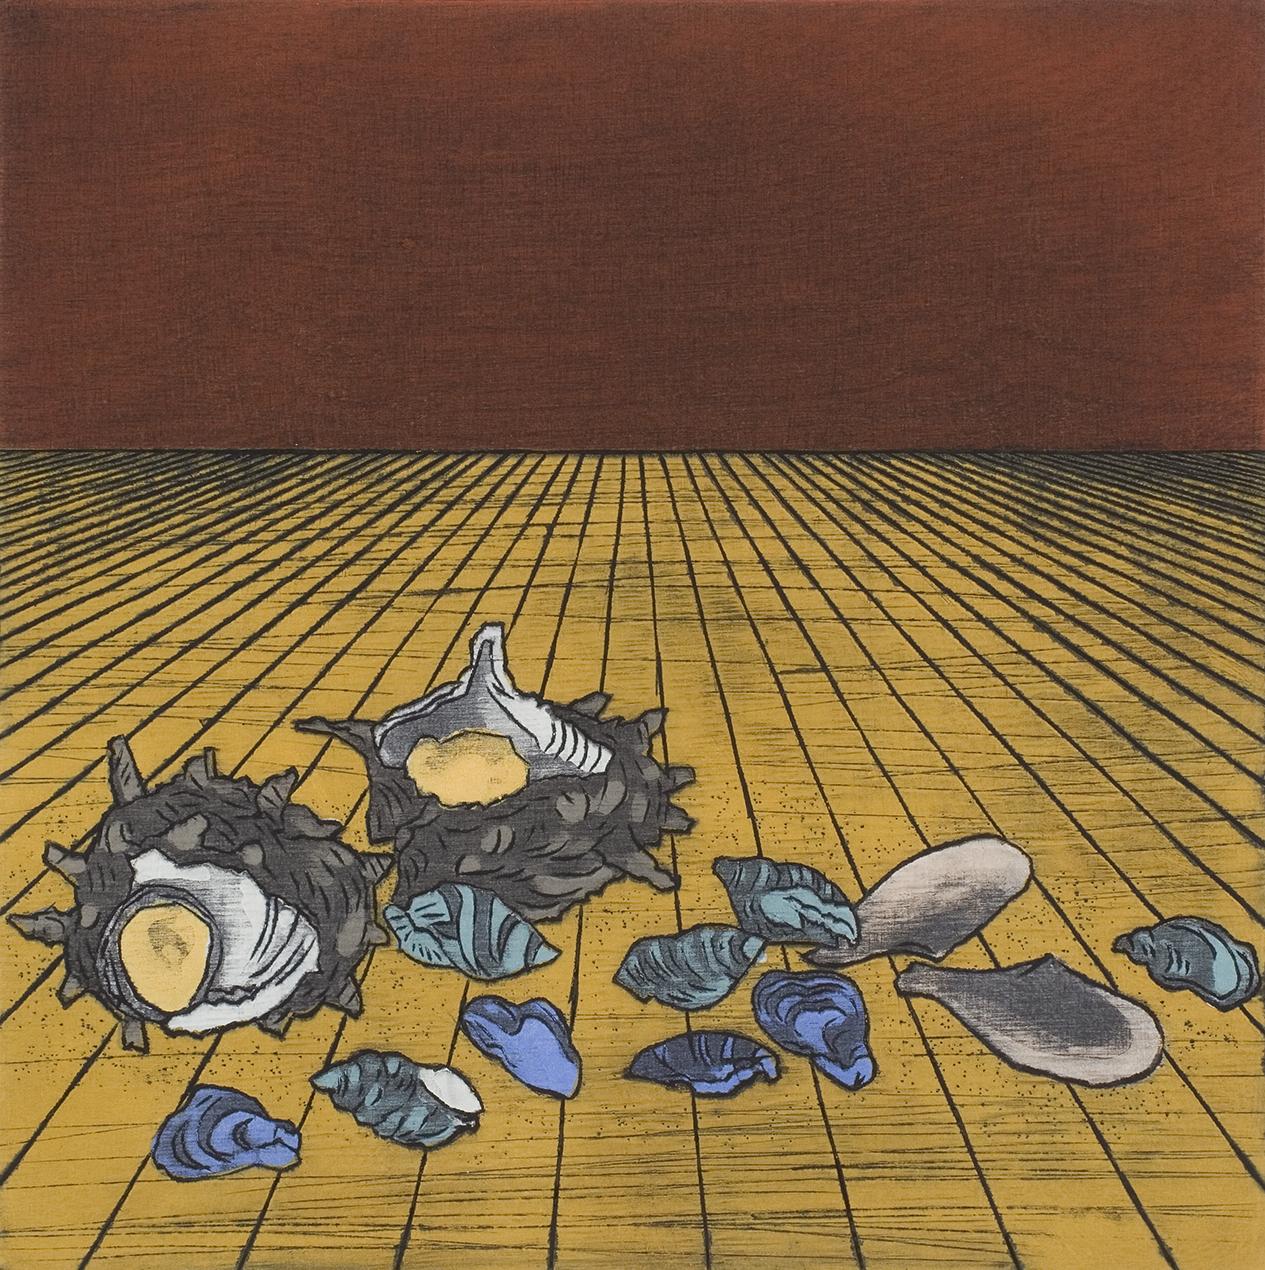 """Nana Shiomi - """"Mitate No.30 - Shells"""" - 2000, Woodcut, Ed of 10, Sheet size 46 x 46 cm"""